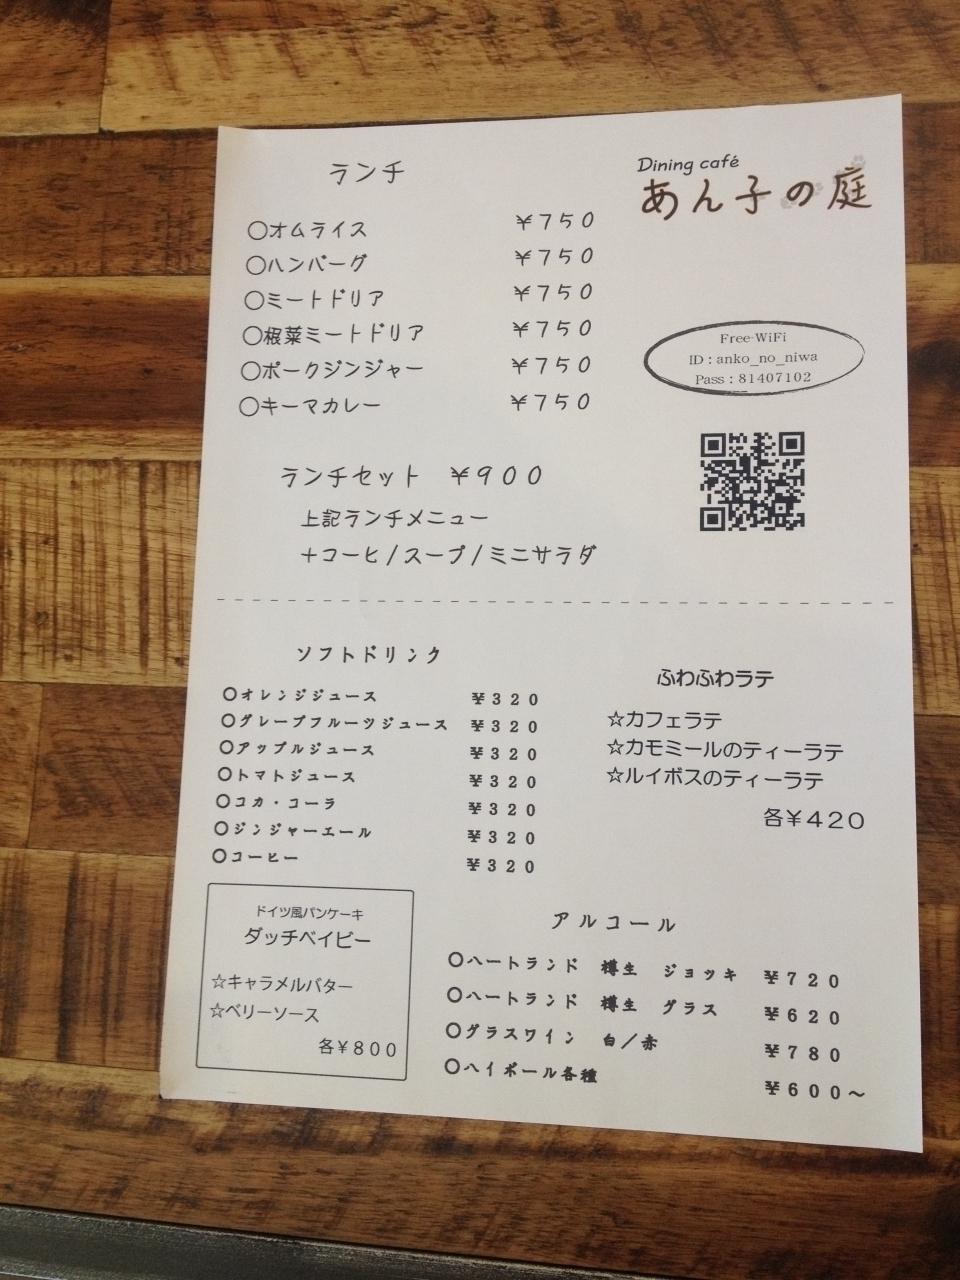 メニュー表の写真